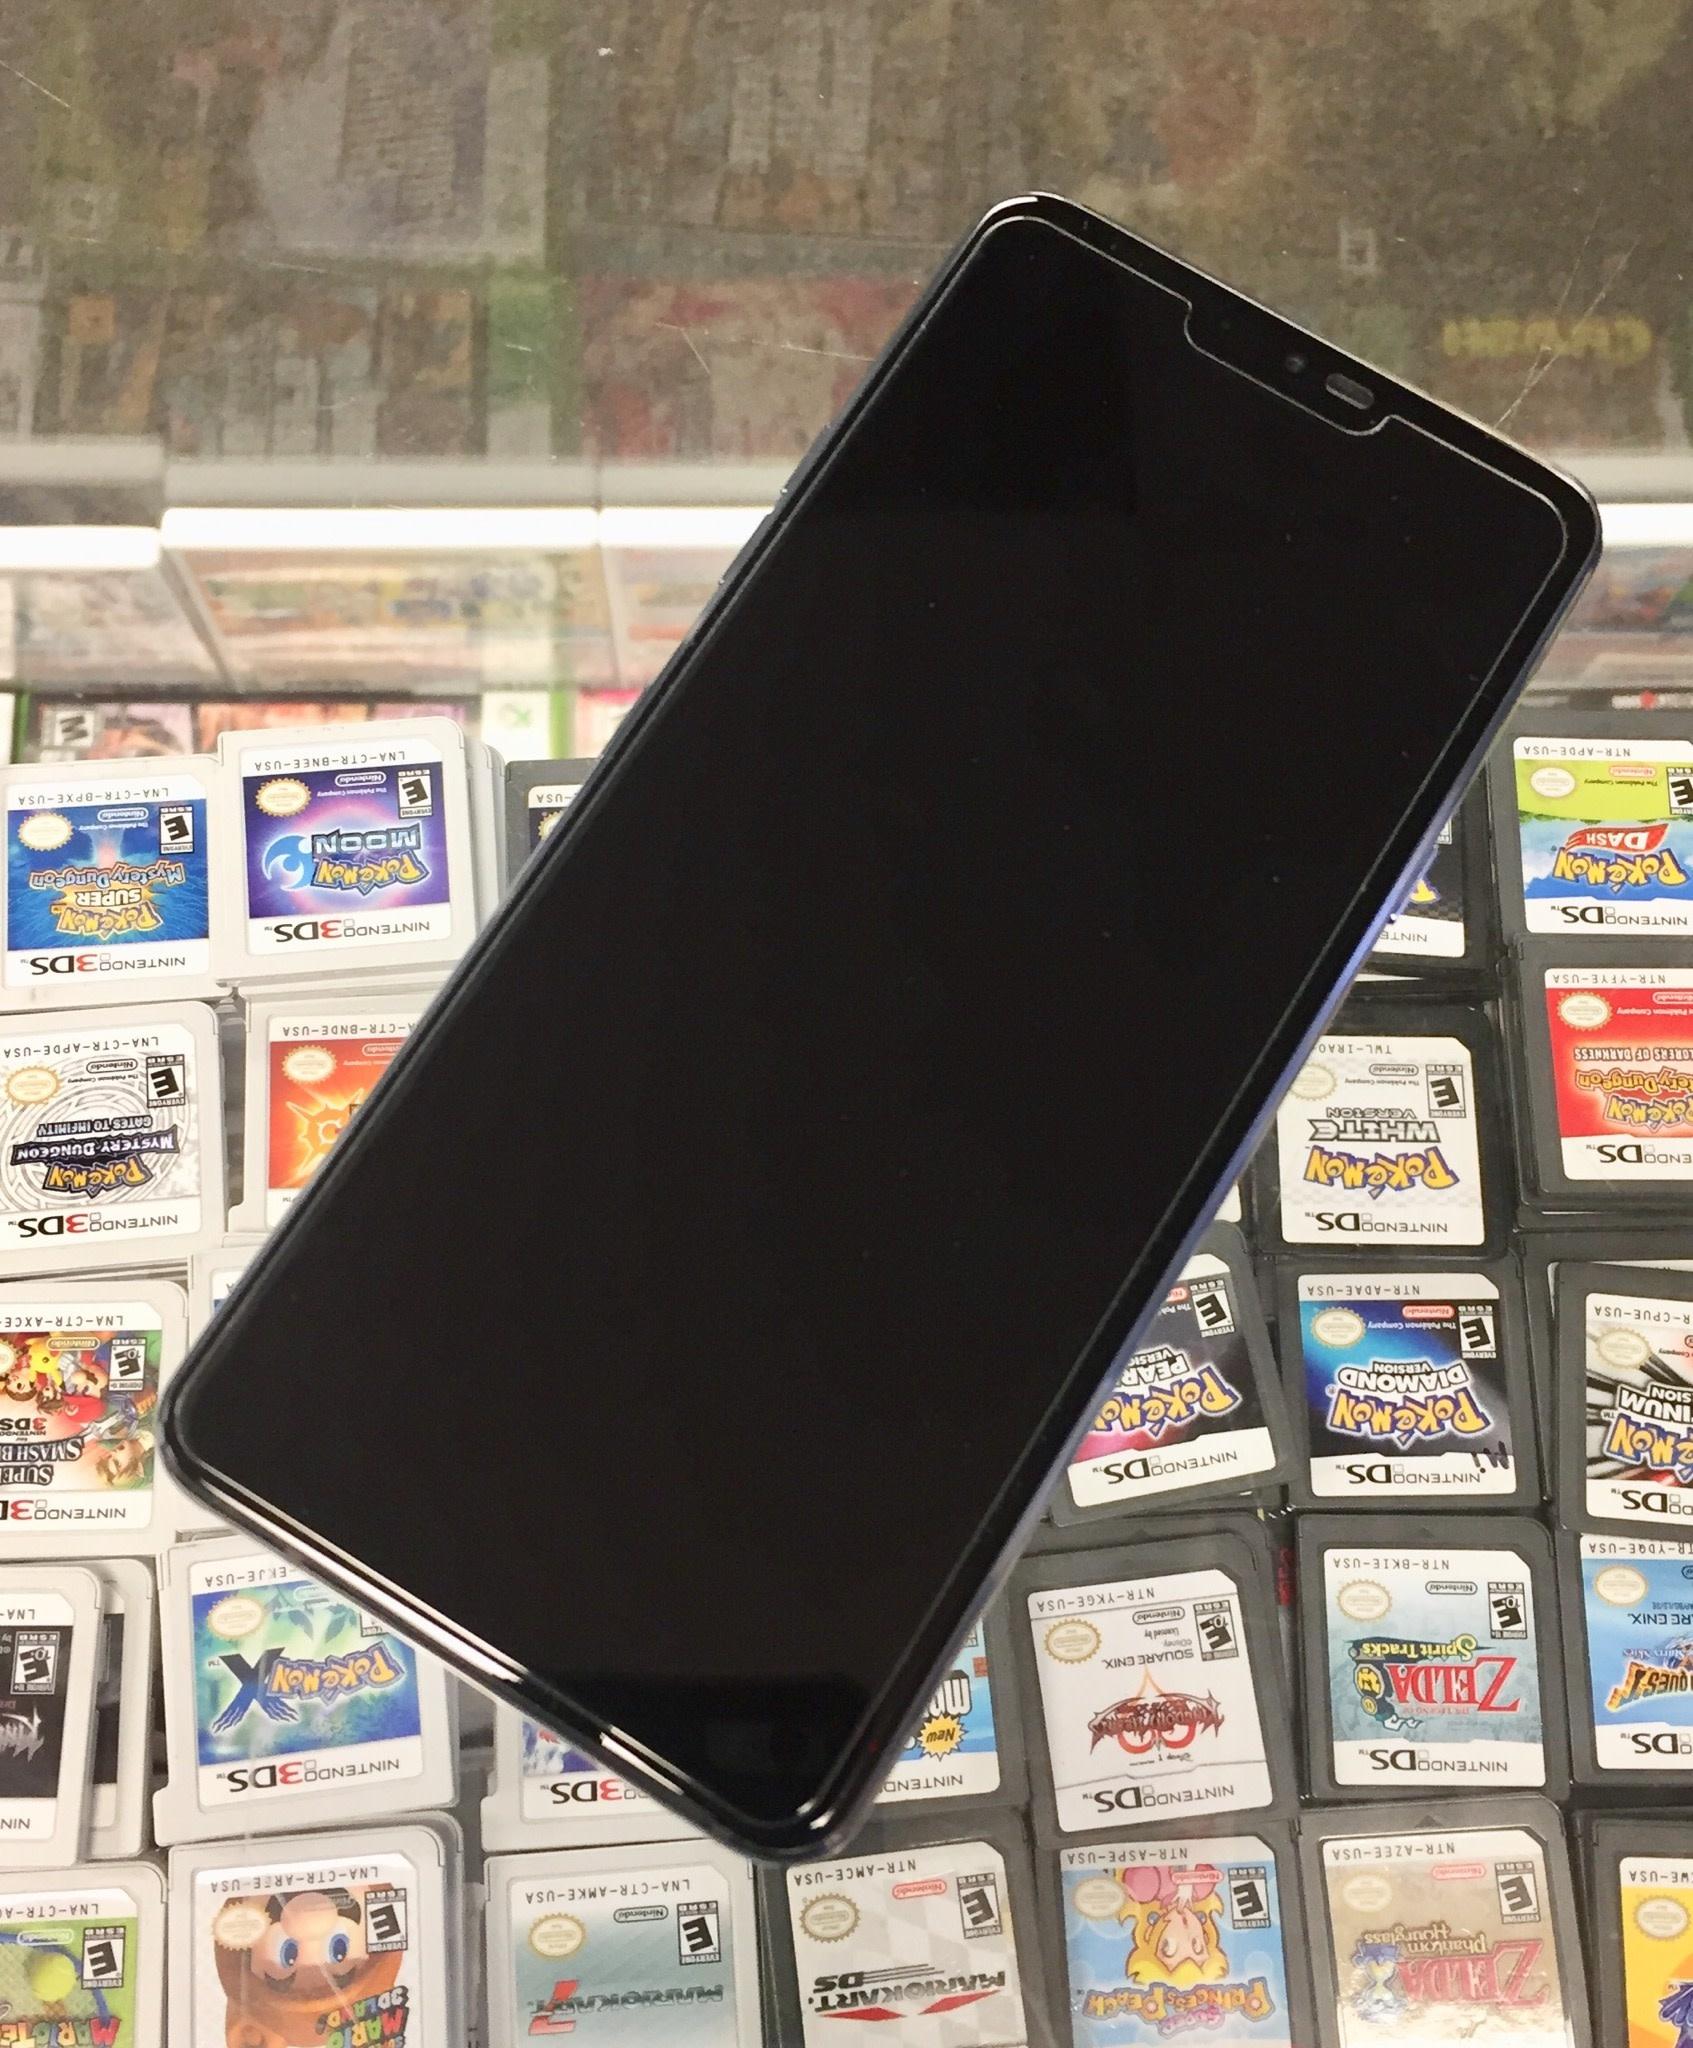 Verizon - LG G7 ThinQ - 64GB - Gray